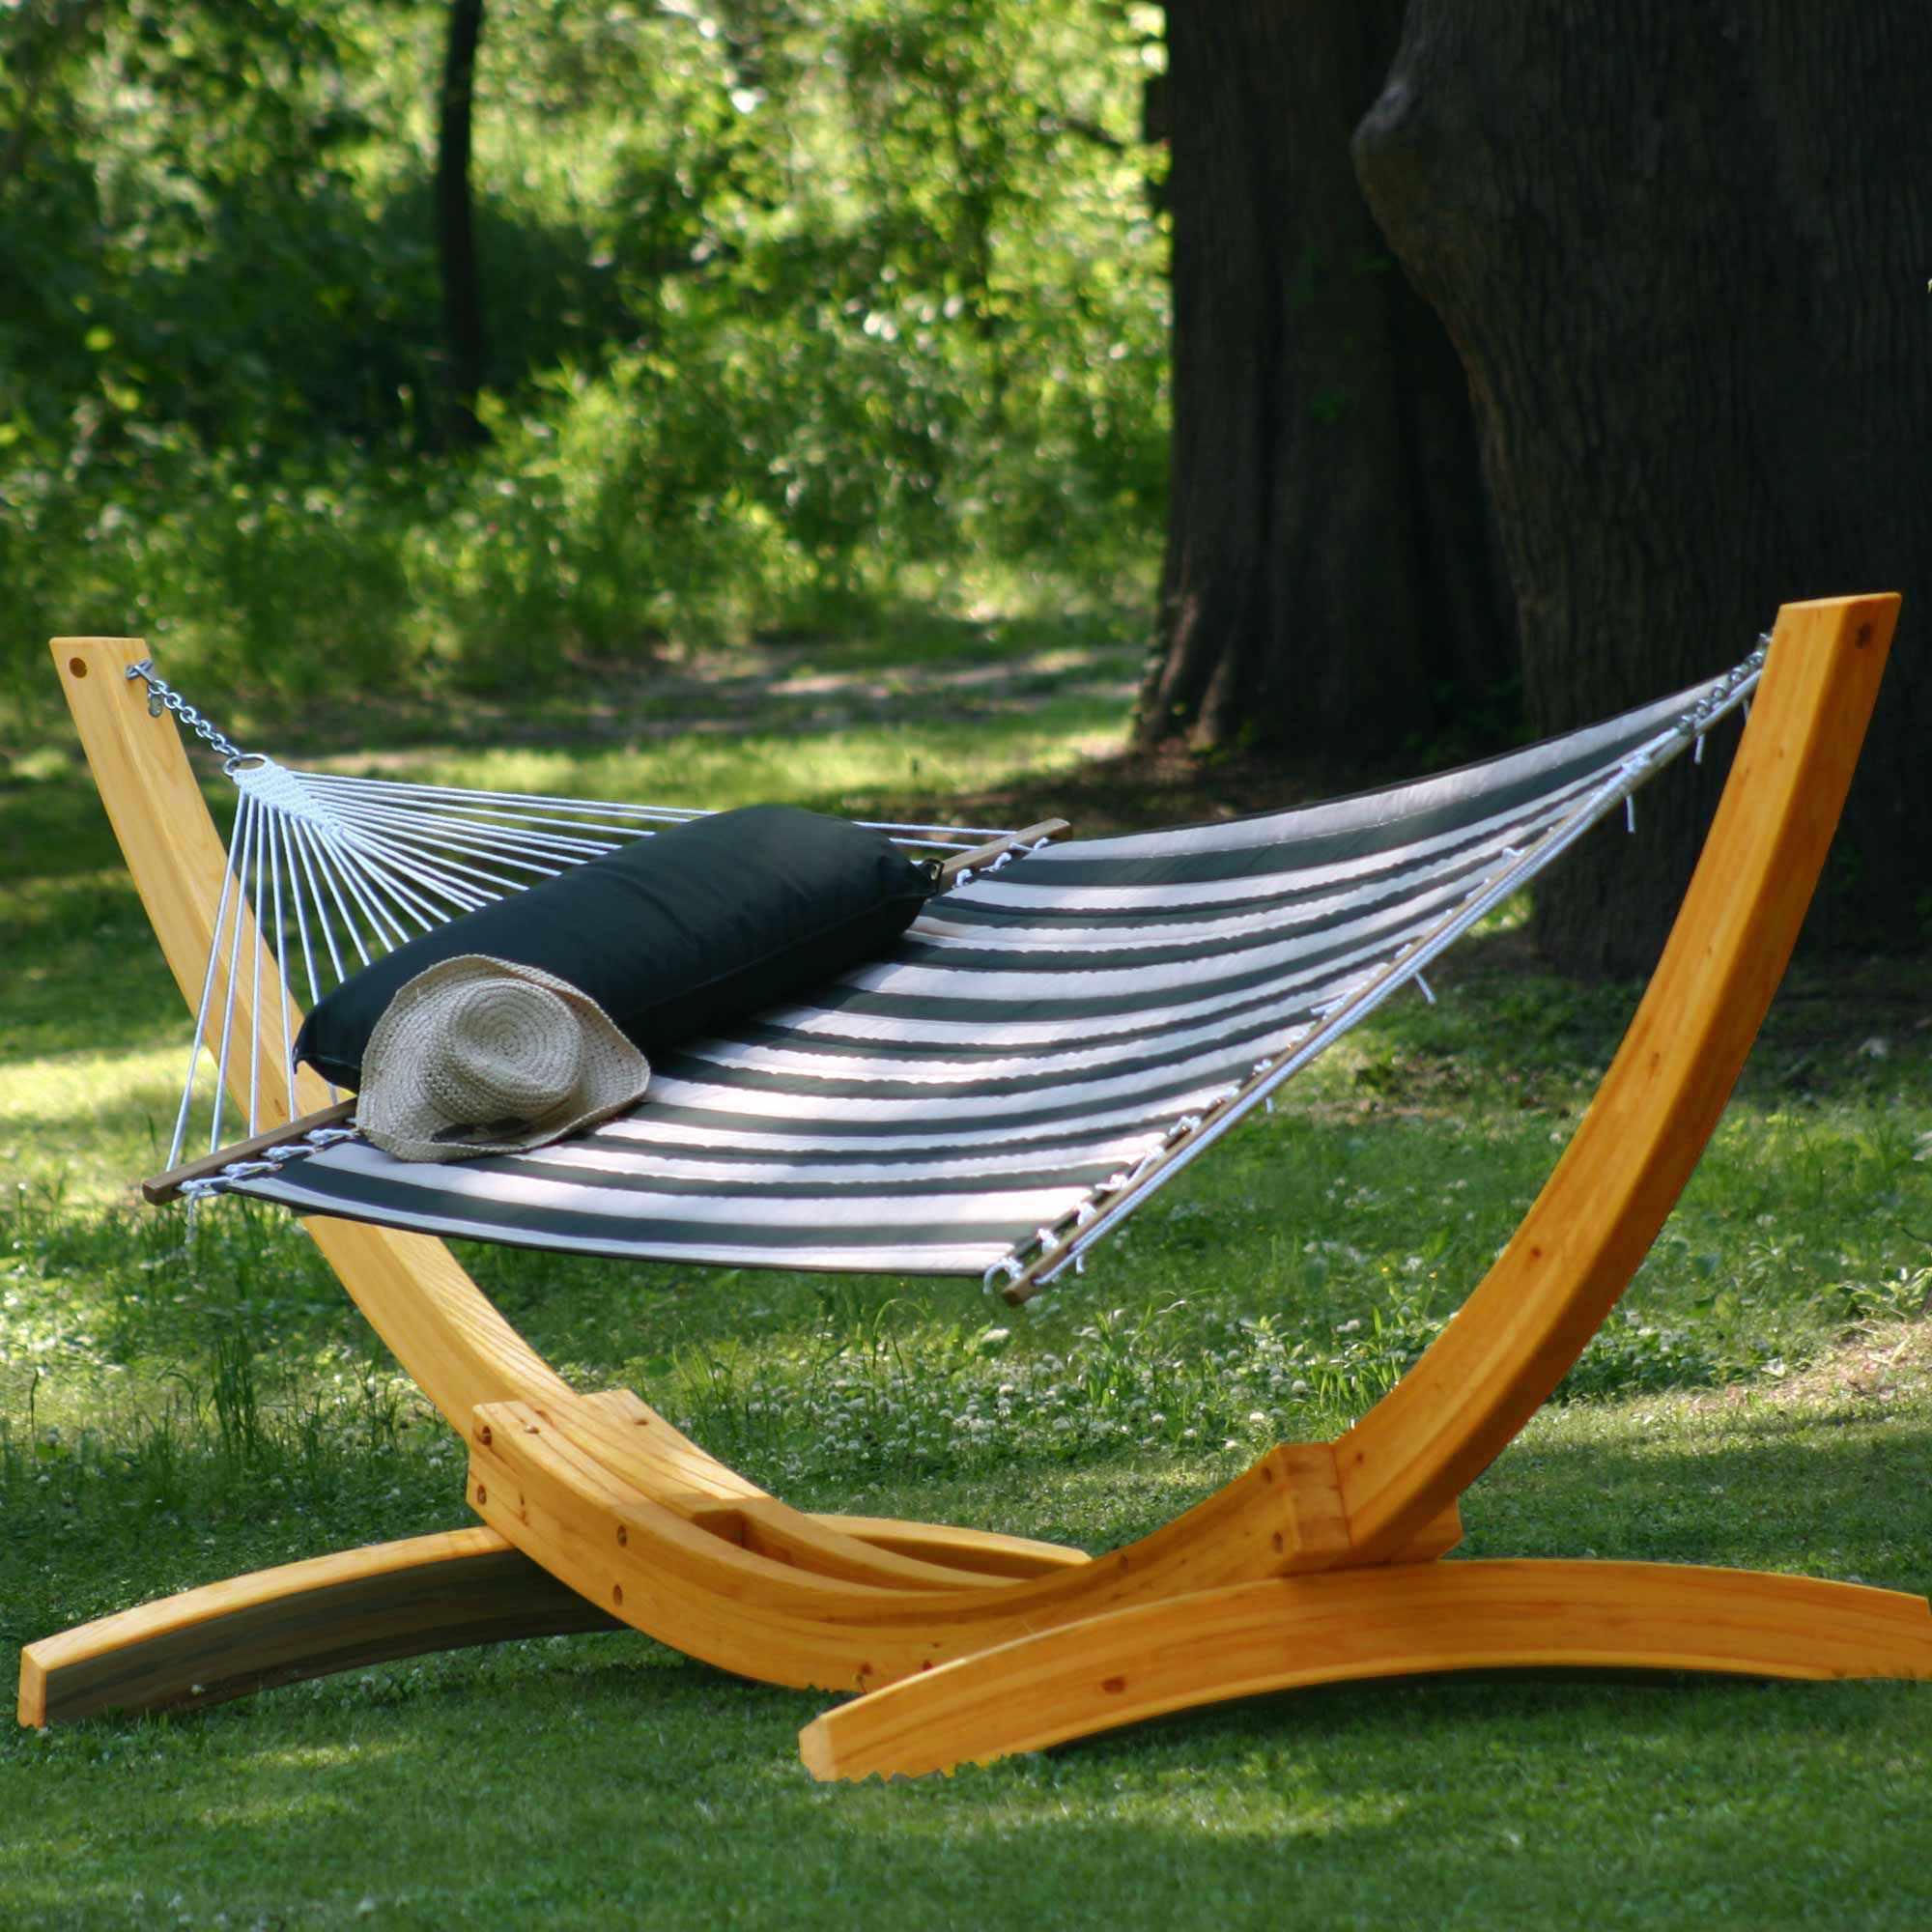 kiwano love camping hammock hammocks travel review double